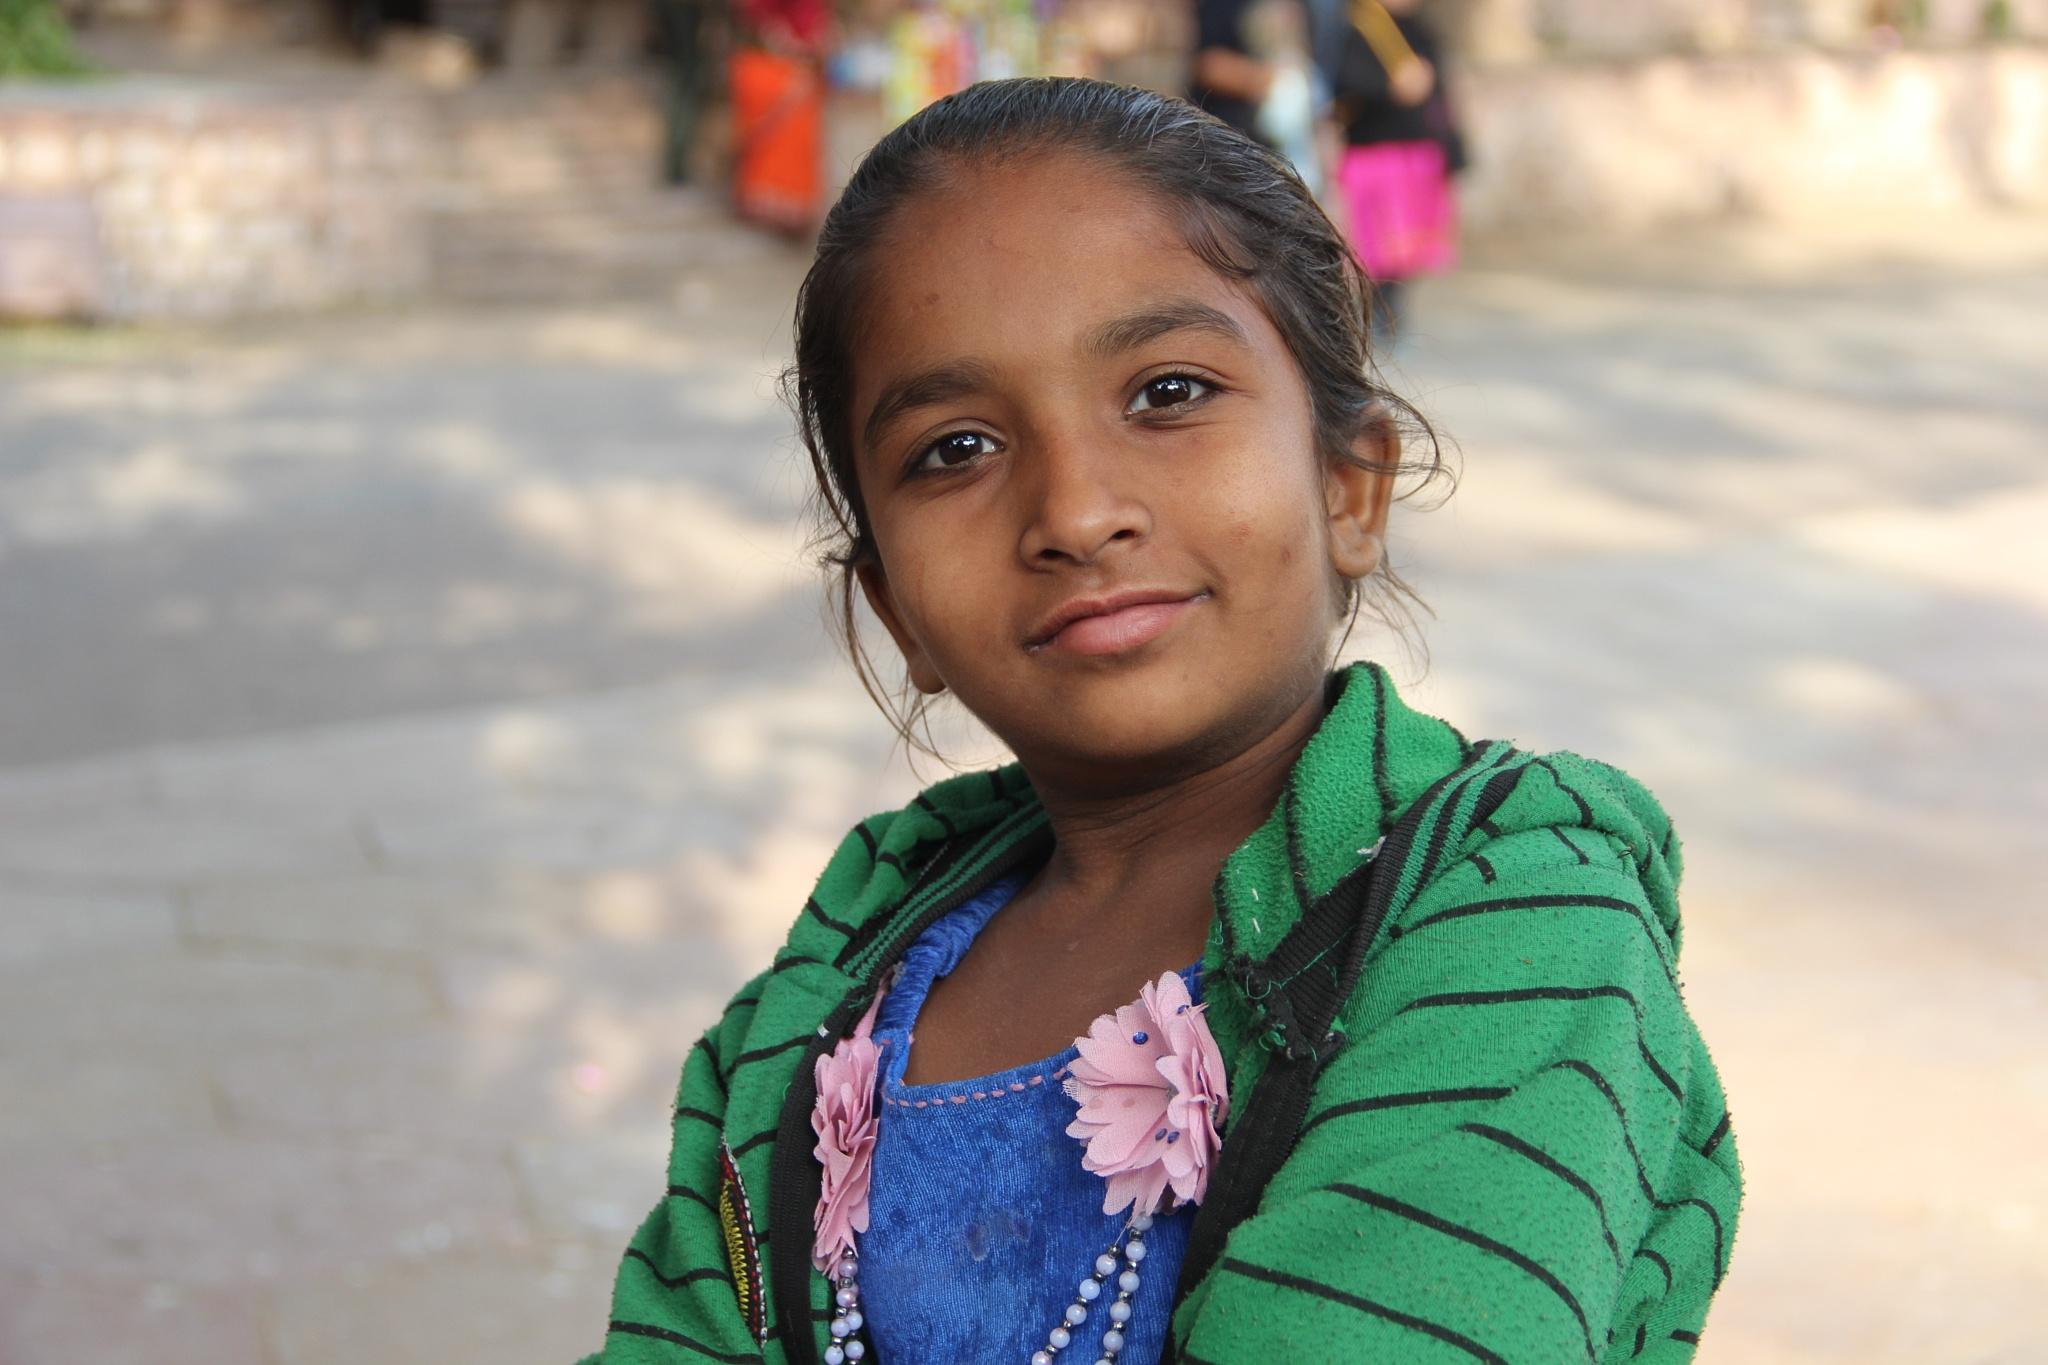 Smart Kid :: Jodhpur,Rajasthan by surajit